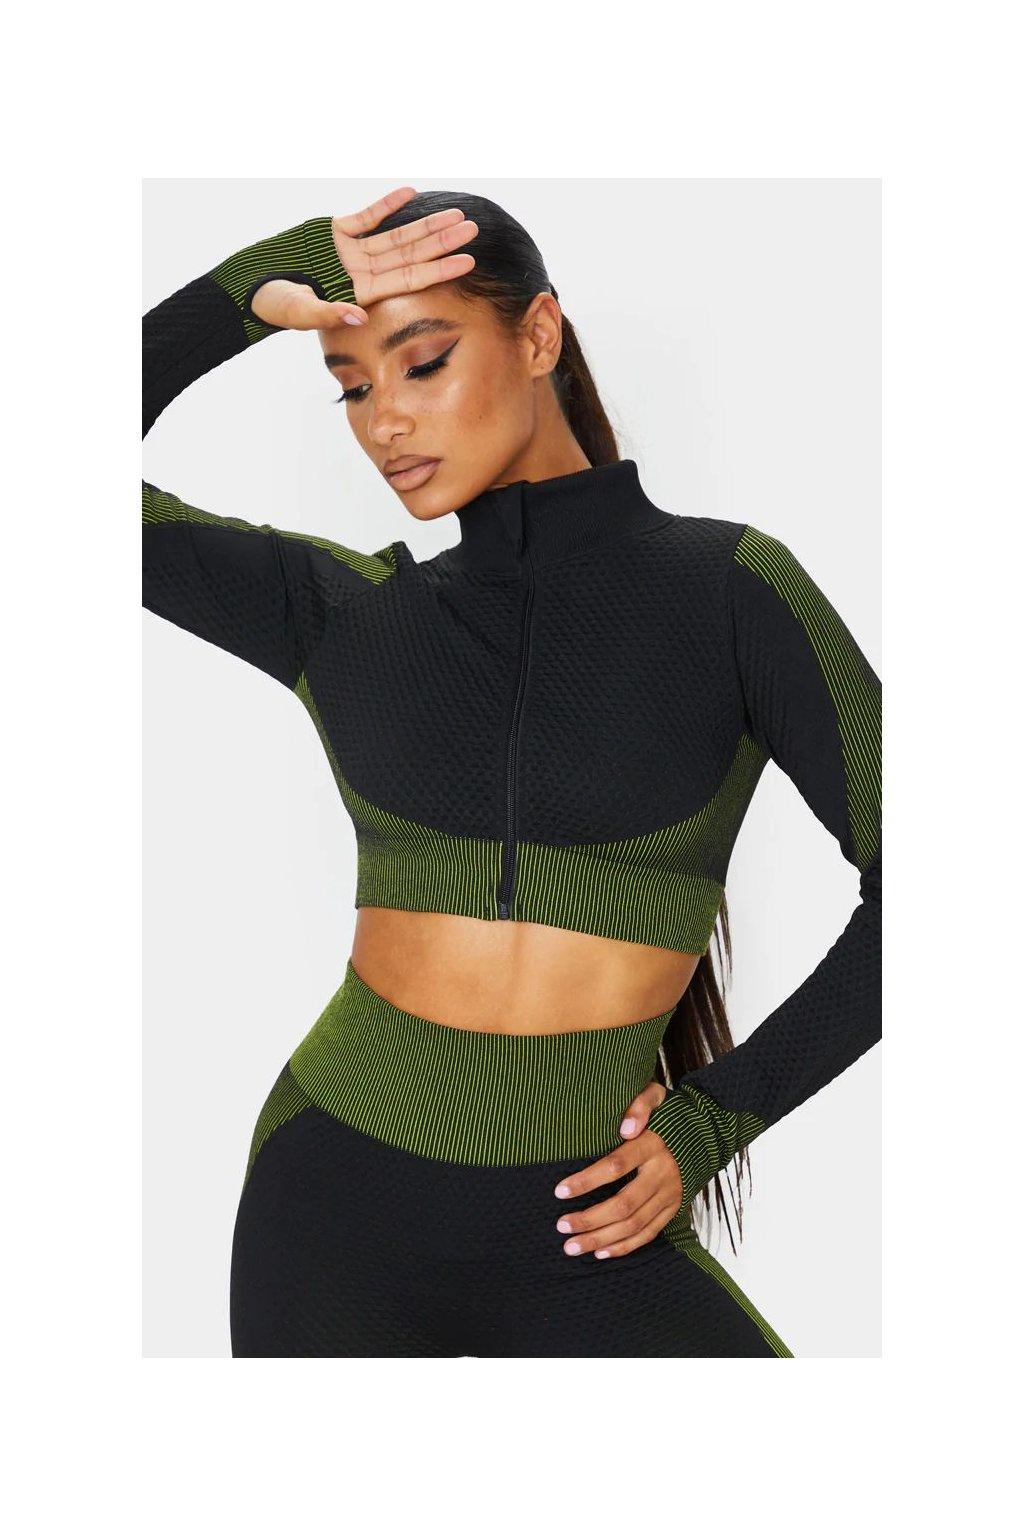 Dámský top Black Green